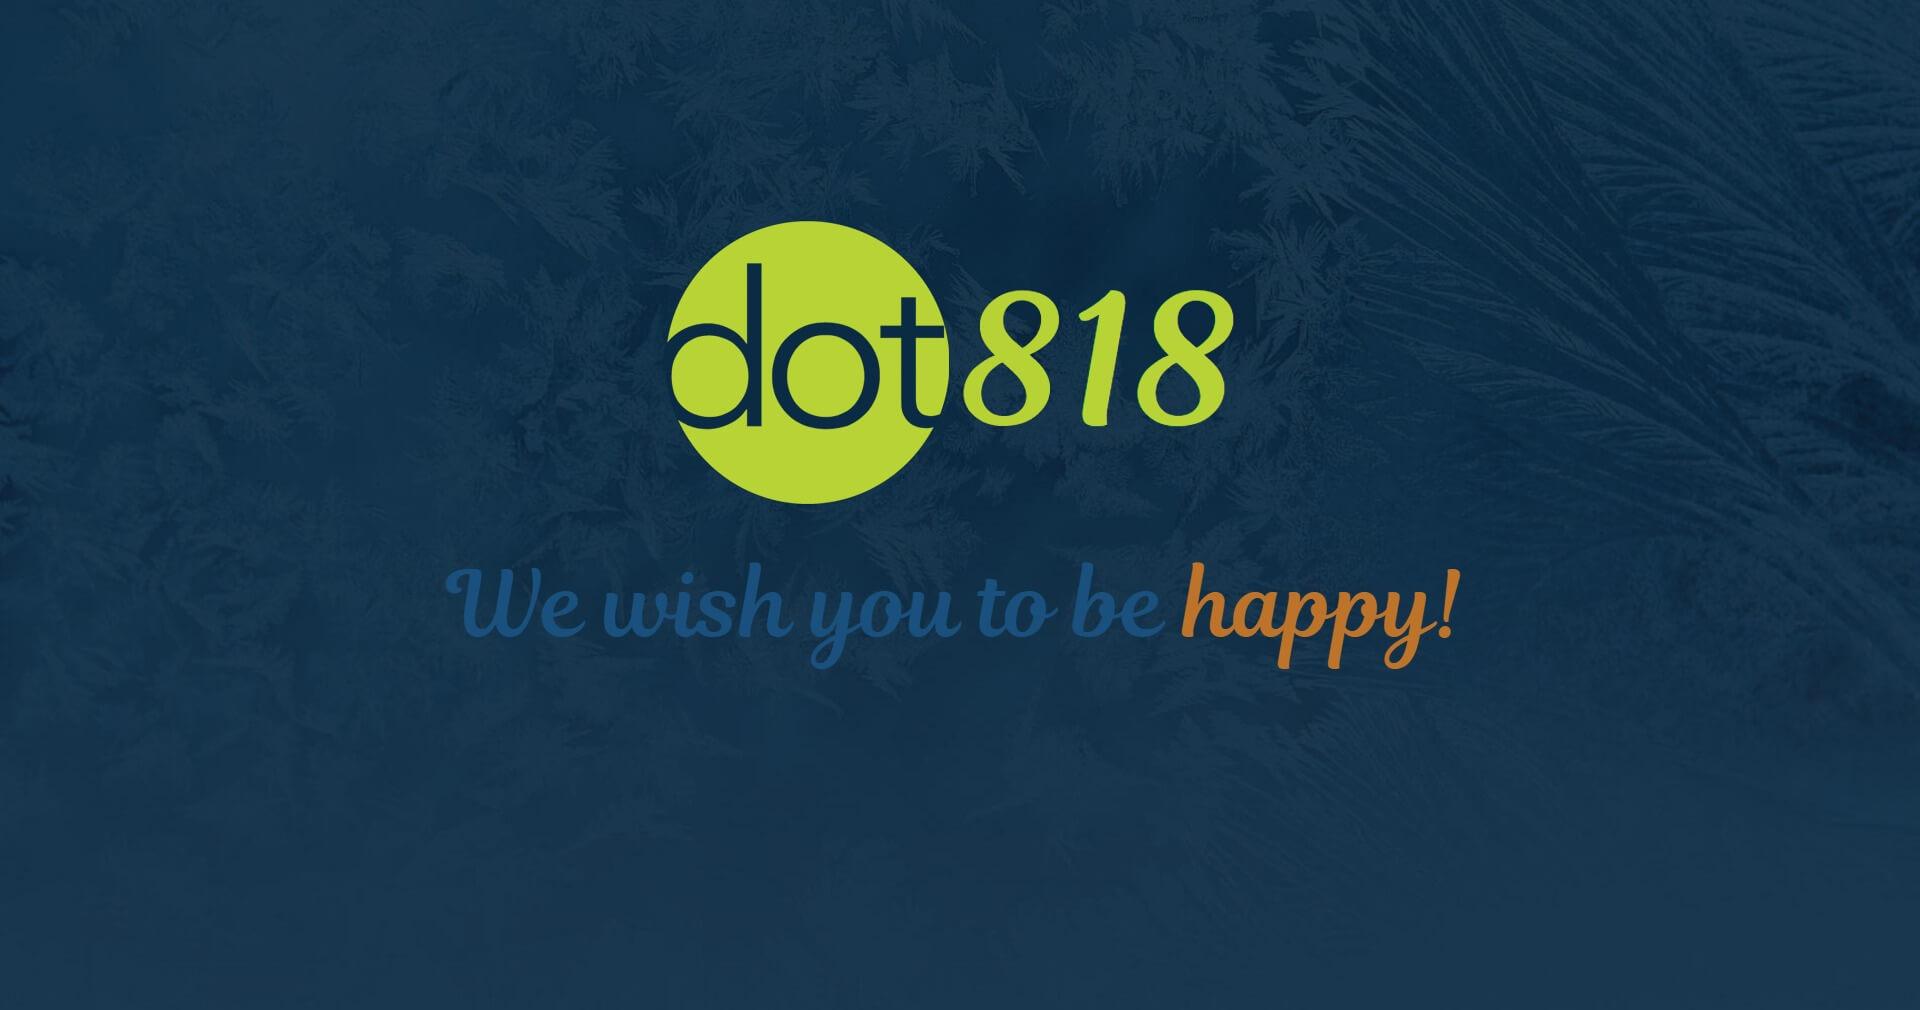 dot818-themes-merry-christmas-2018_2